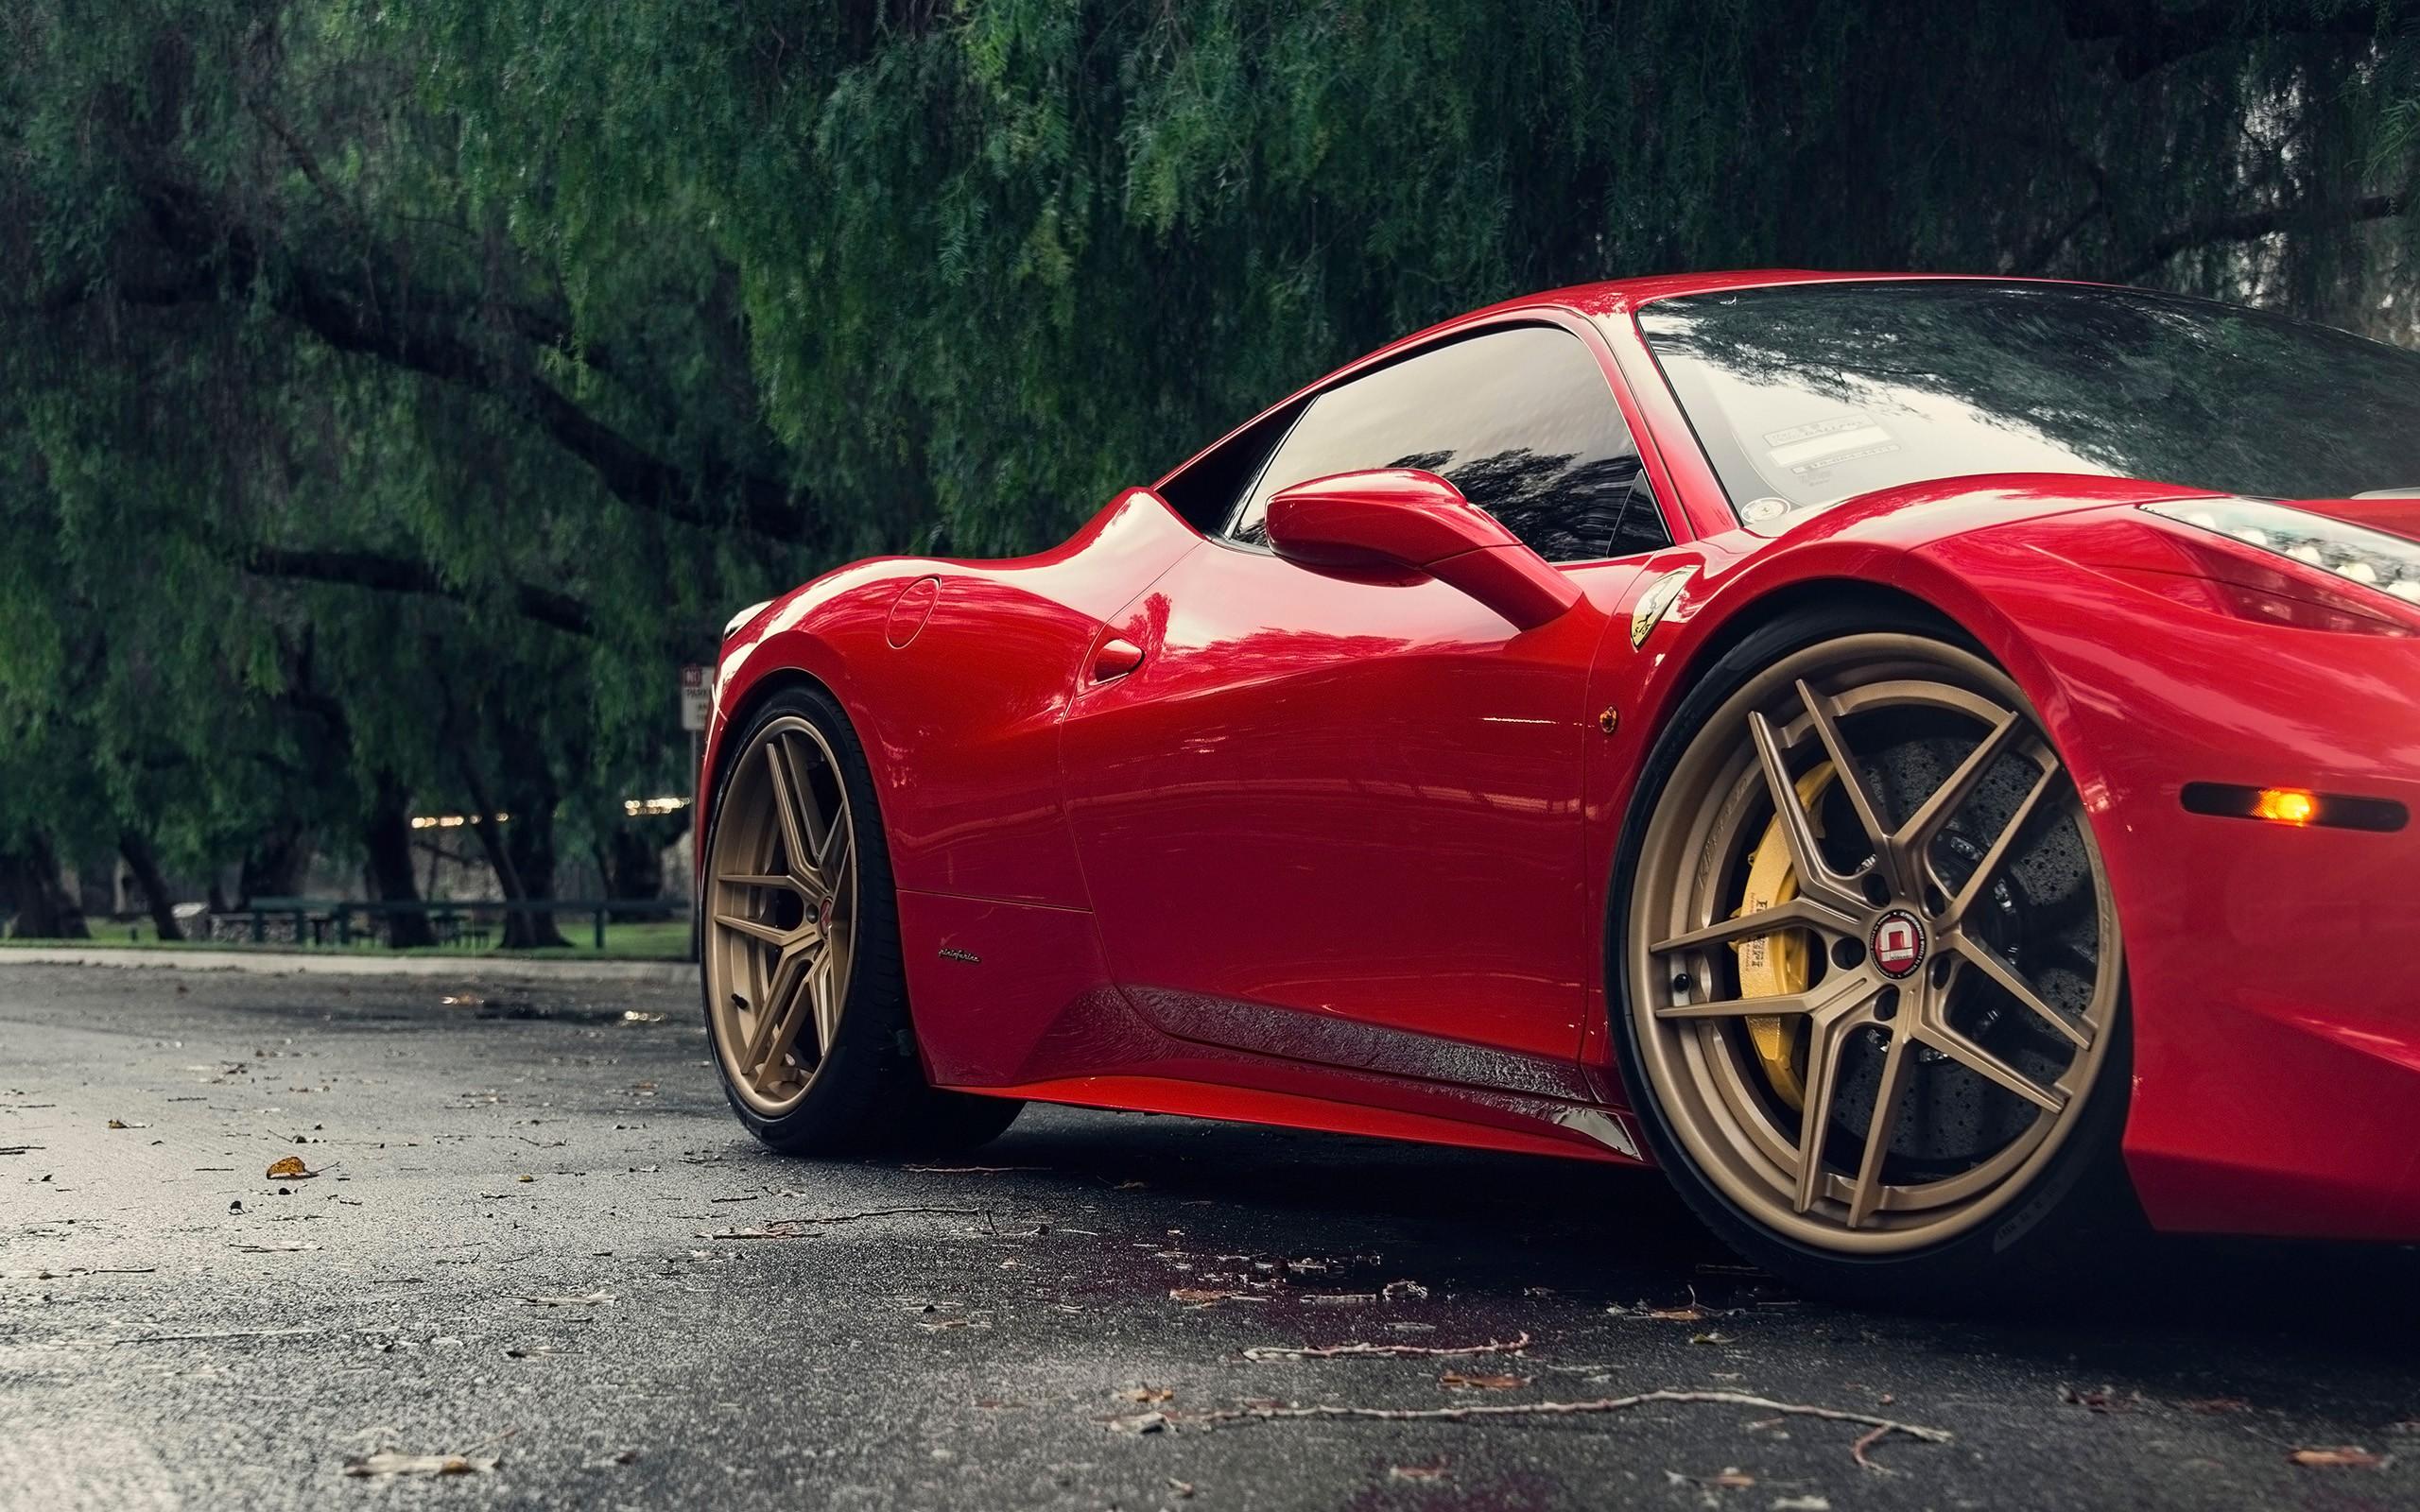 Ferrari 458 Speciale Hd Wallpaper 2015 Klassen Id Ferrari 458 Italia 2 Wallpaper Hd Car